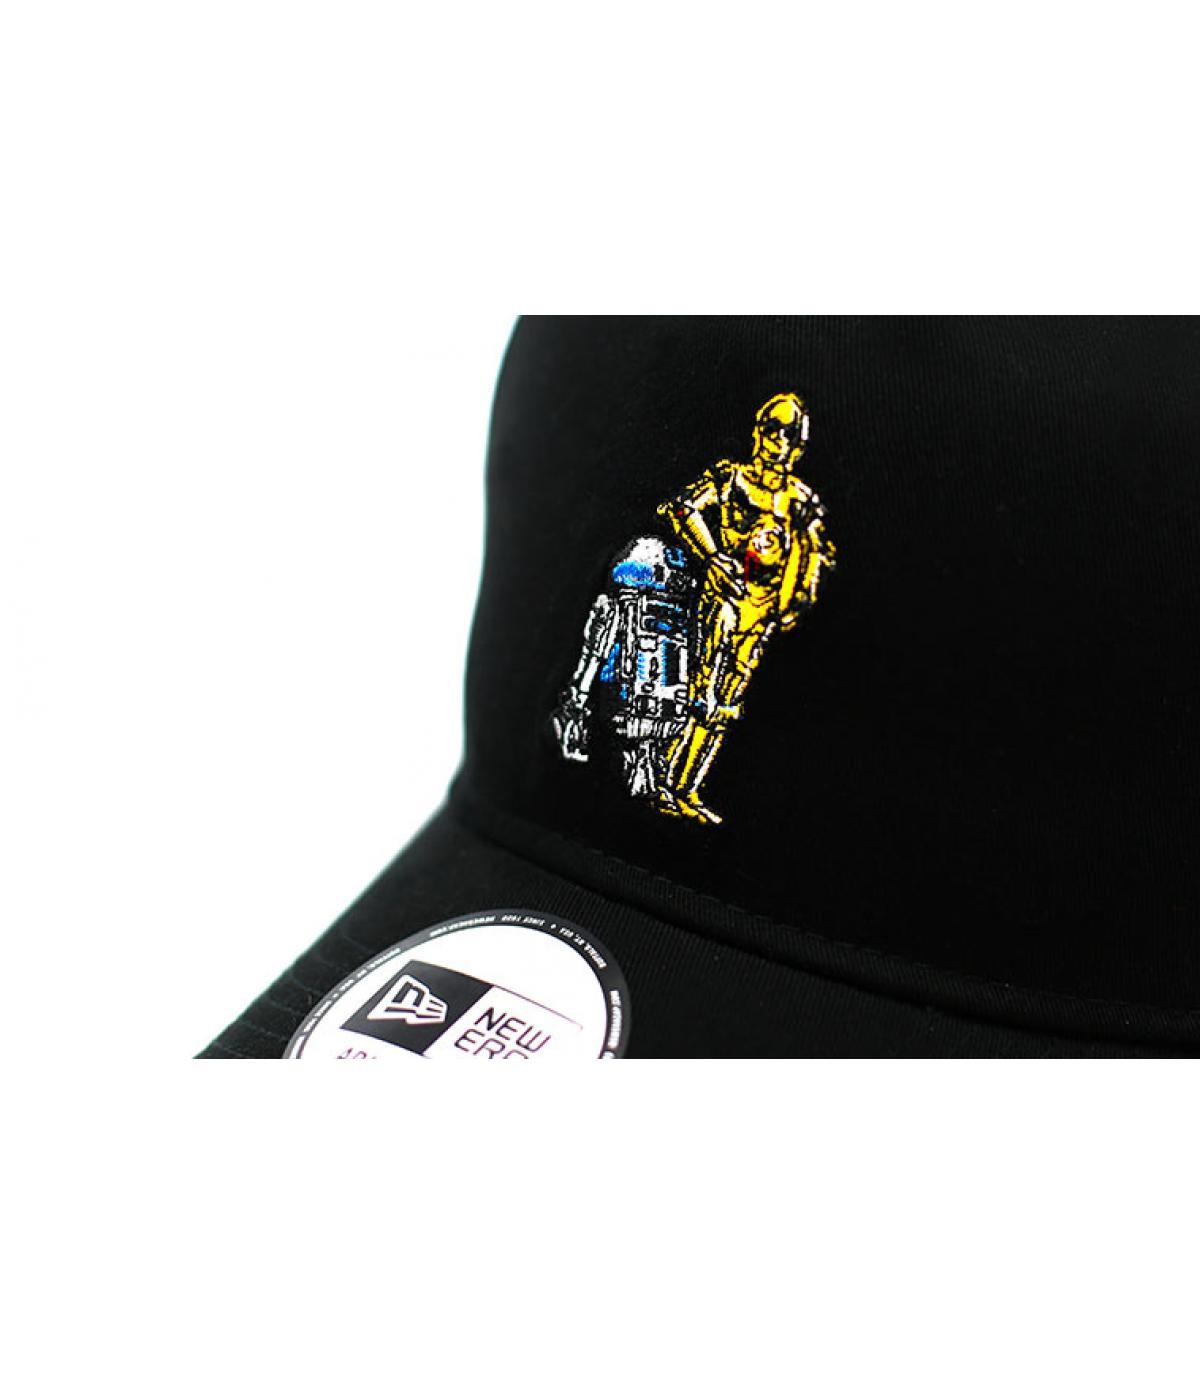 Details Casquette Star Wars Droids 940 A Frame black - afbeeling 3